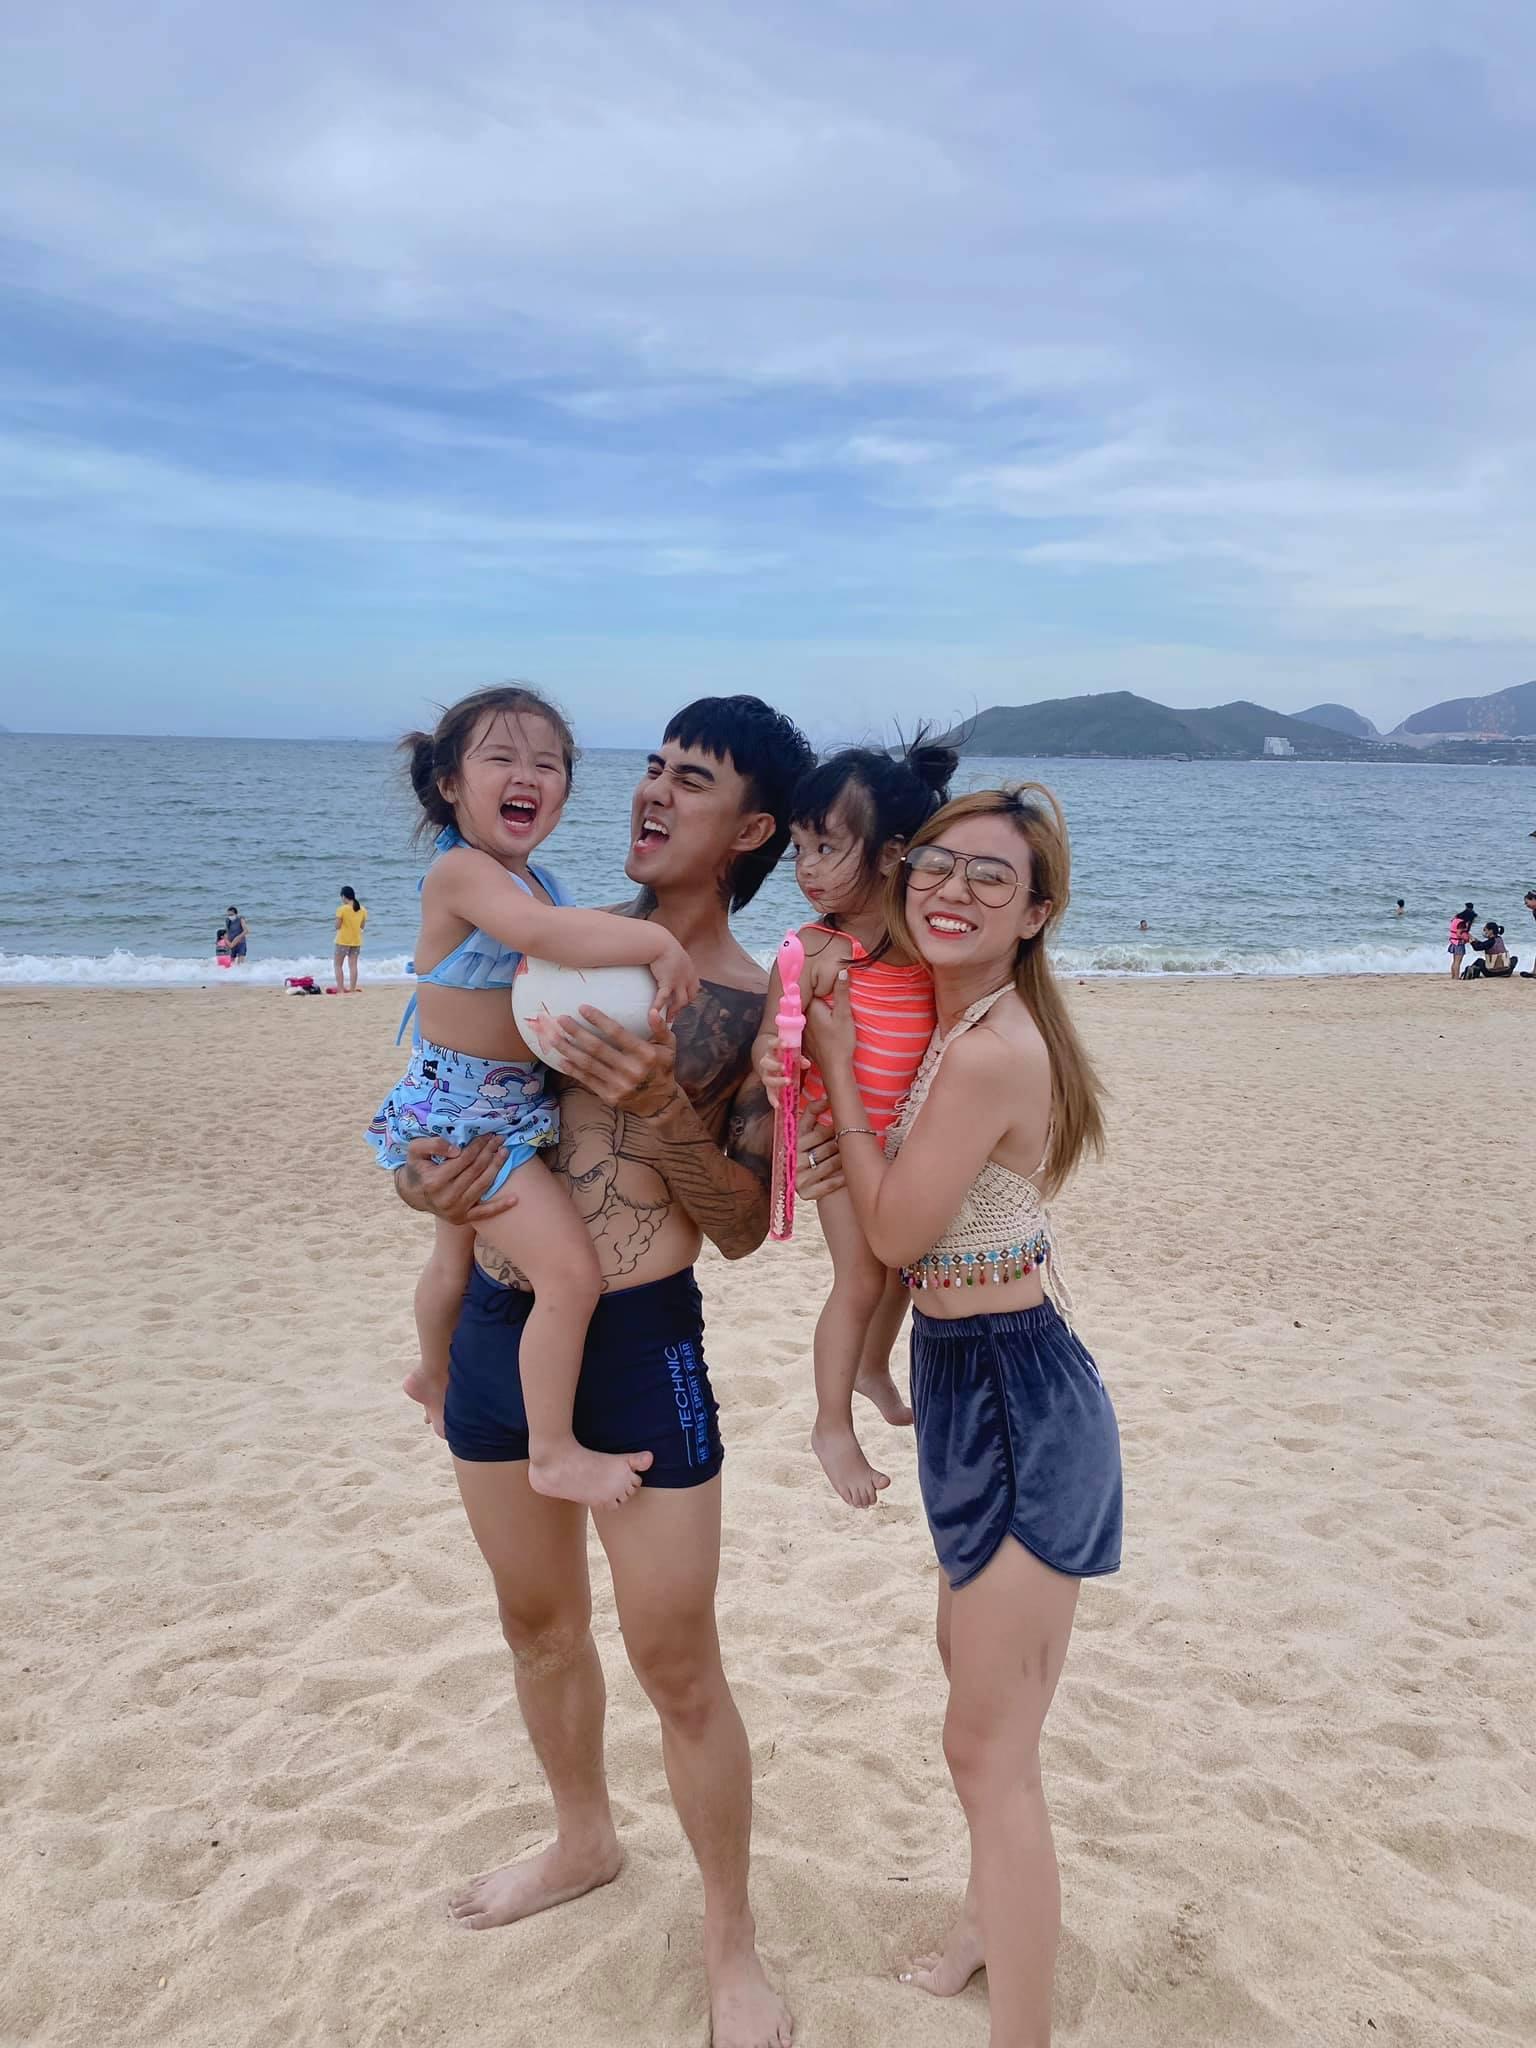 Đạt G phản hồi tin đồn chia tay vợ cũ Hoài Lâm sau 1 tháng công khai tình cảm - 1